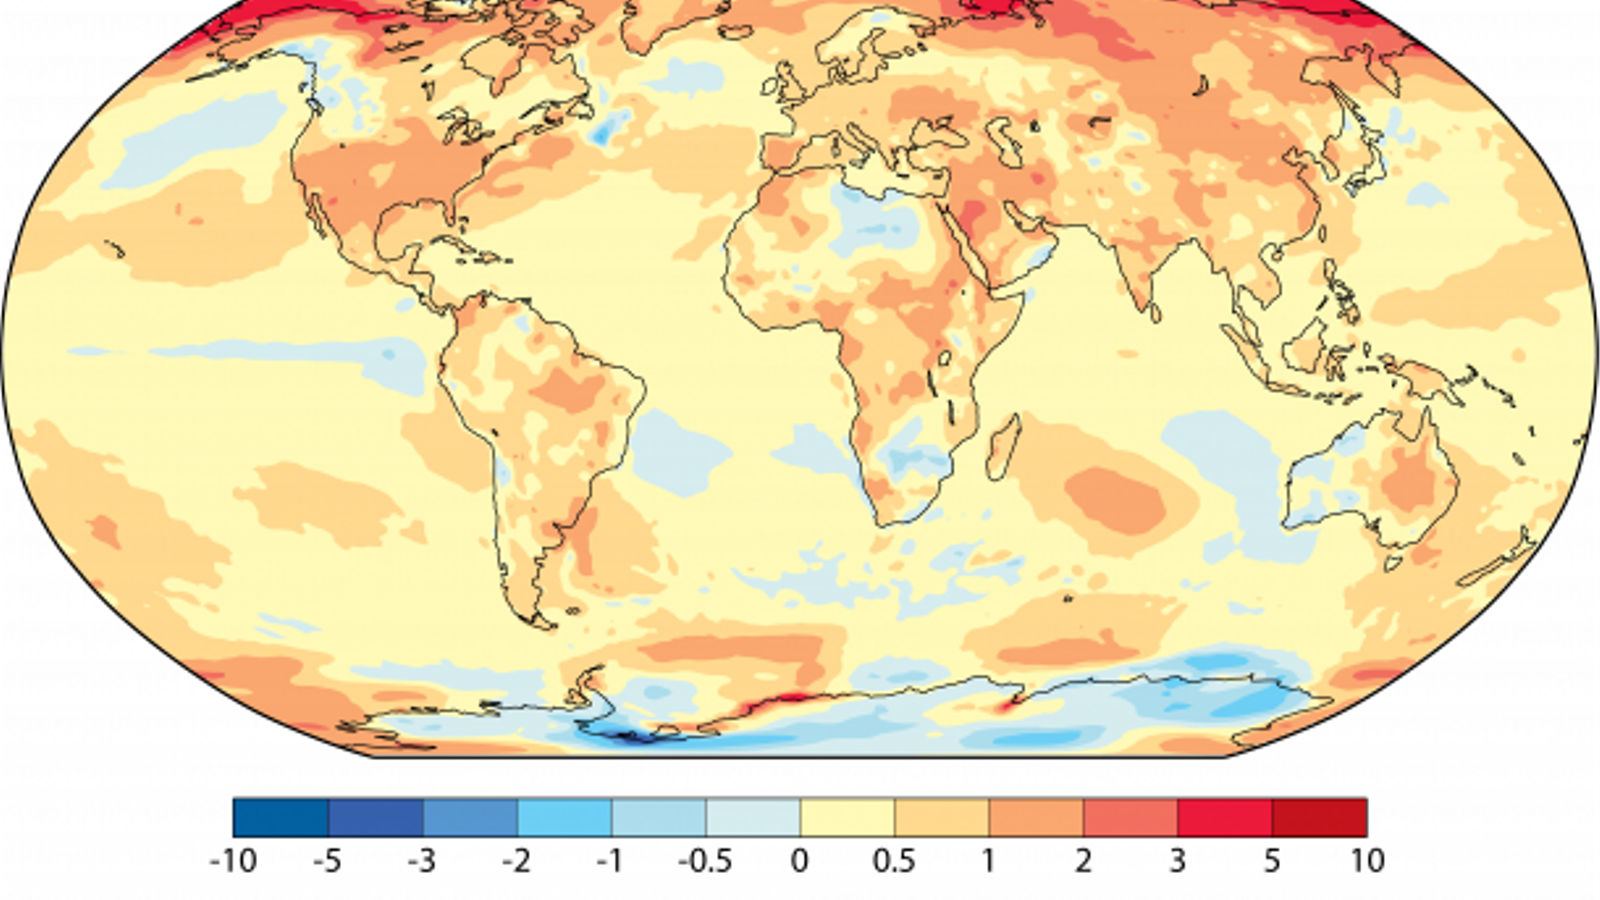 Els últims tres anys han estat més càlids que qualsevol altre des que hi ha registres